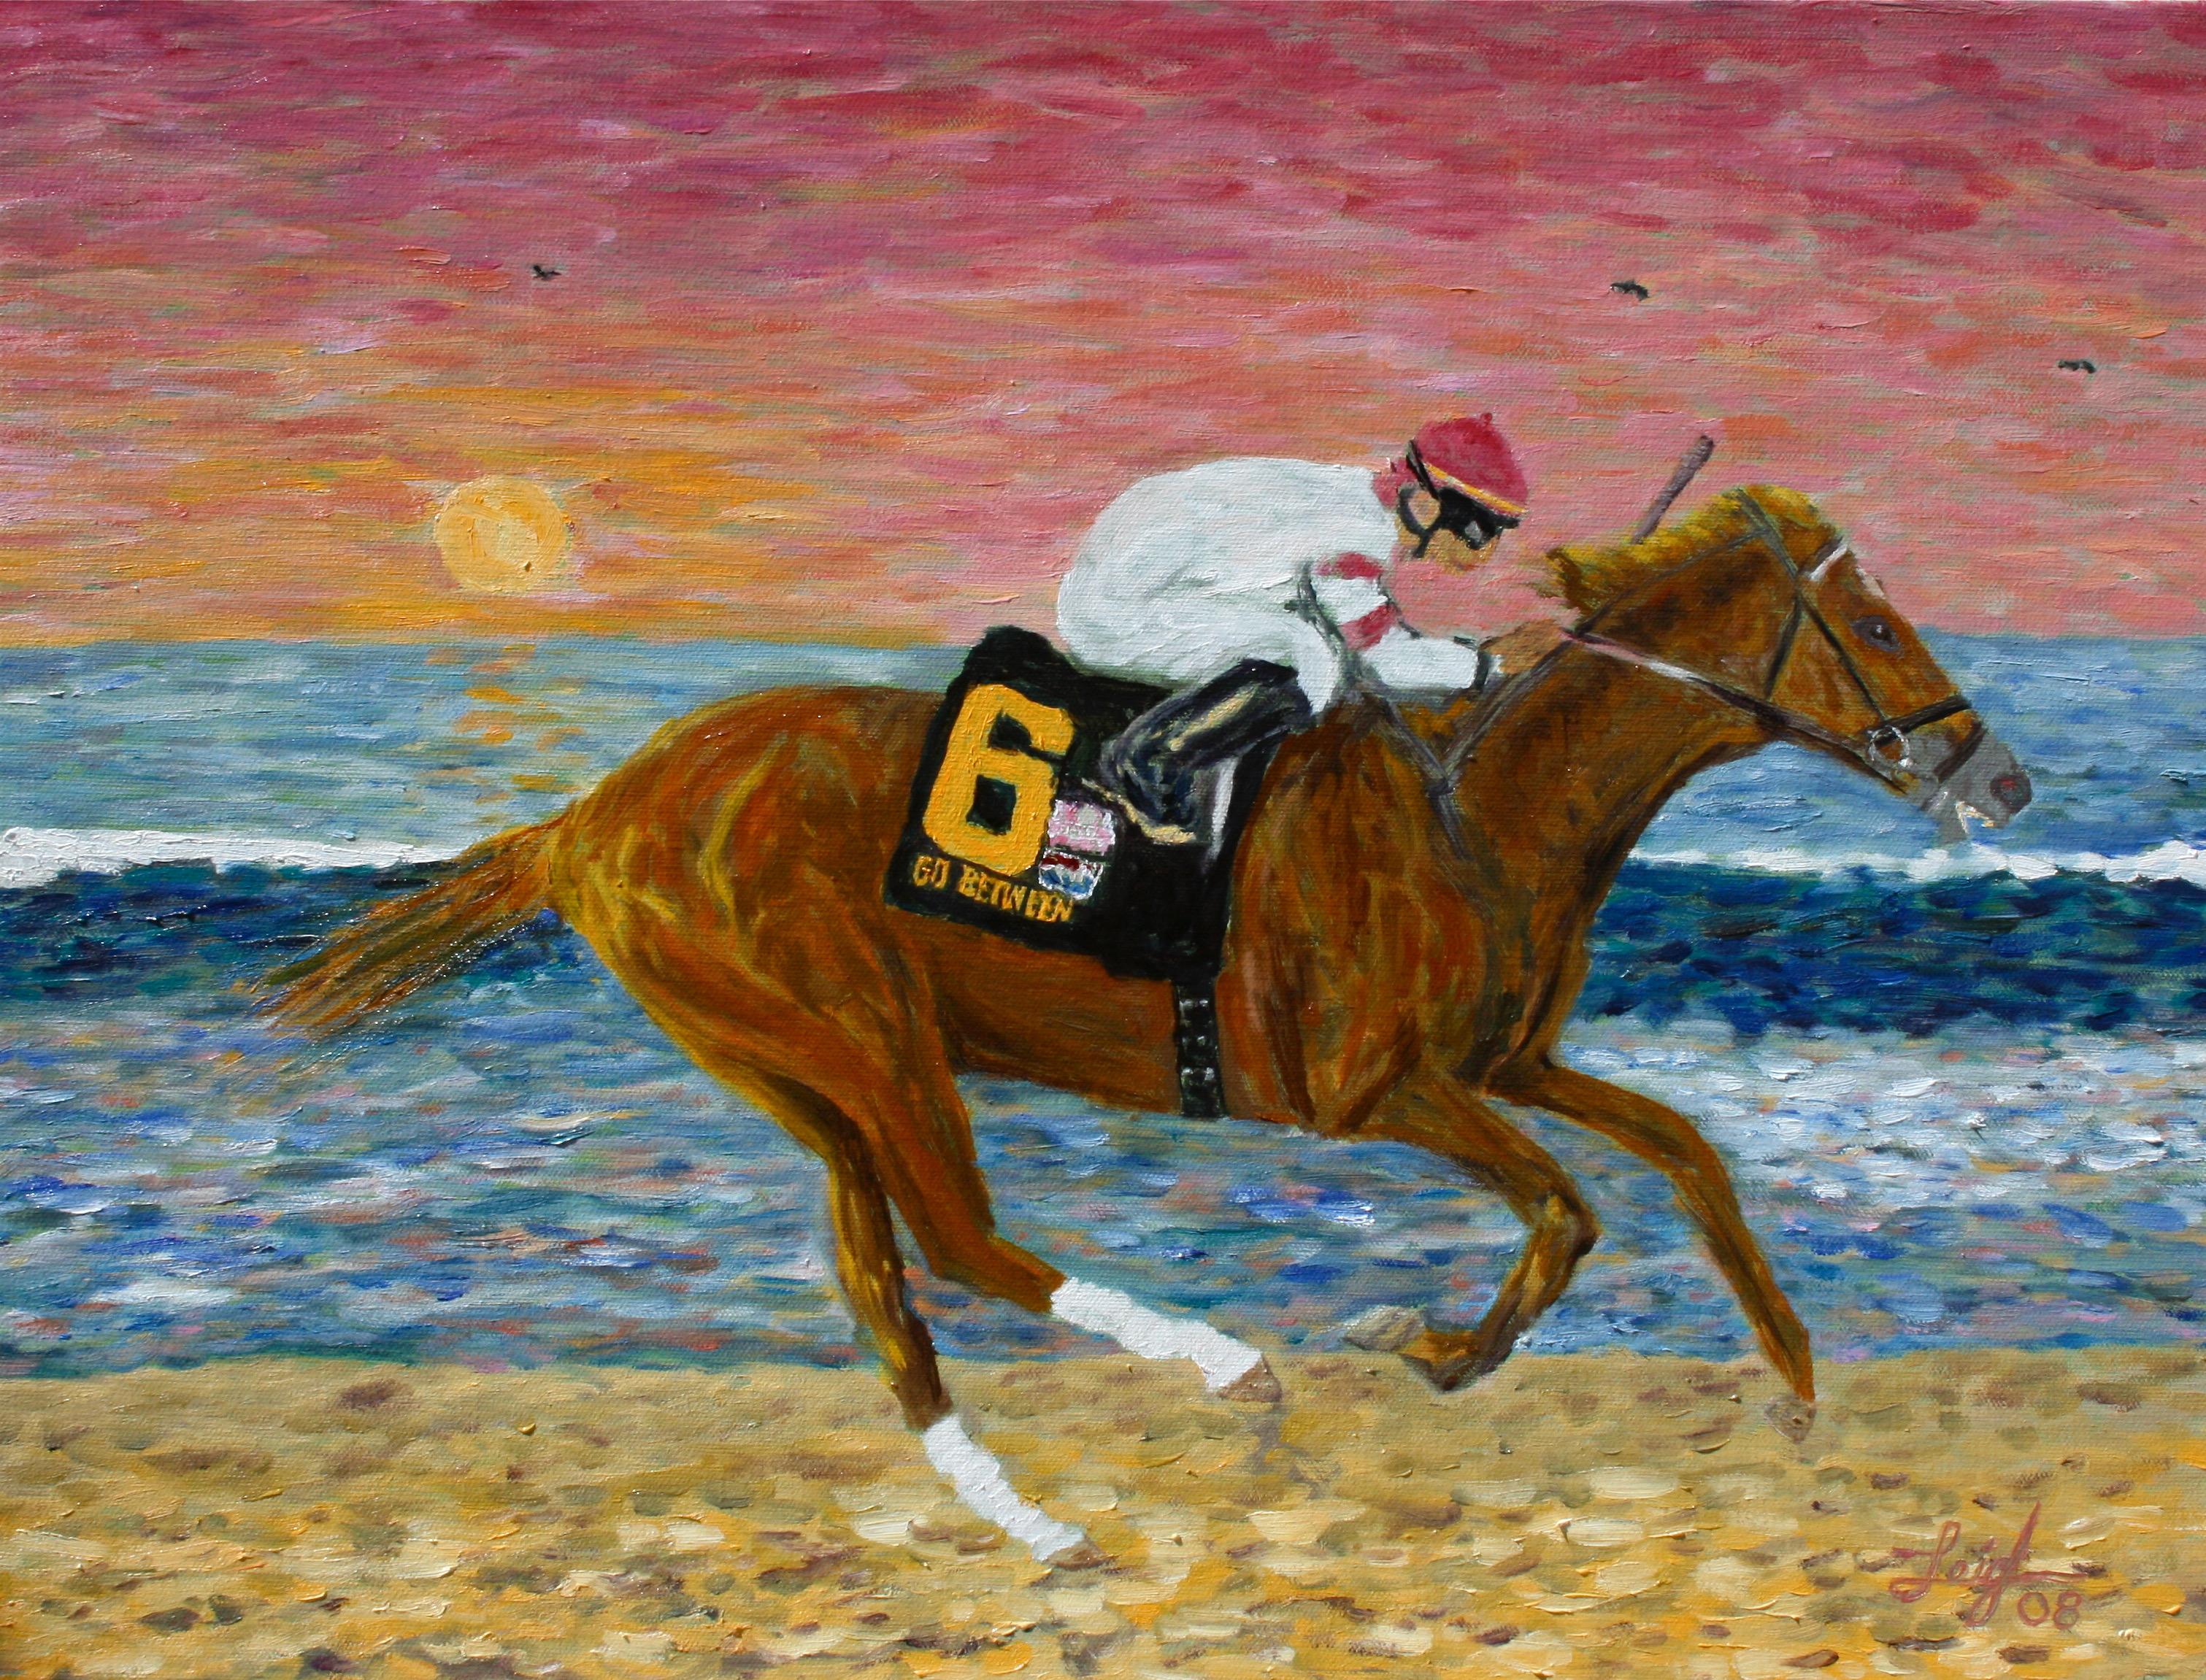 Go Between Wins the Pacific Classic  ~   Del Mar 2008  18x24